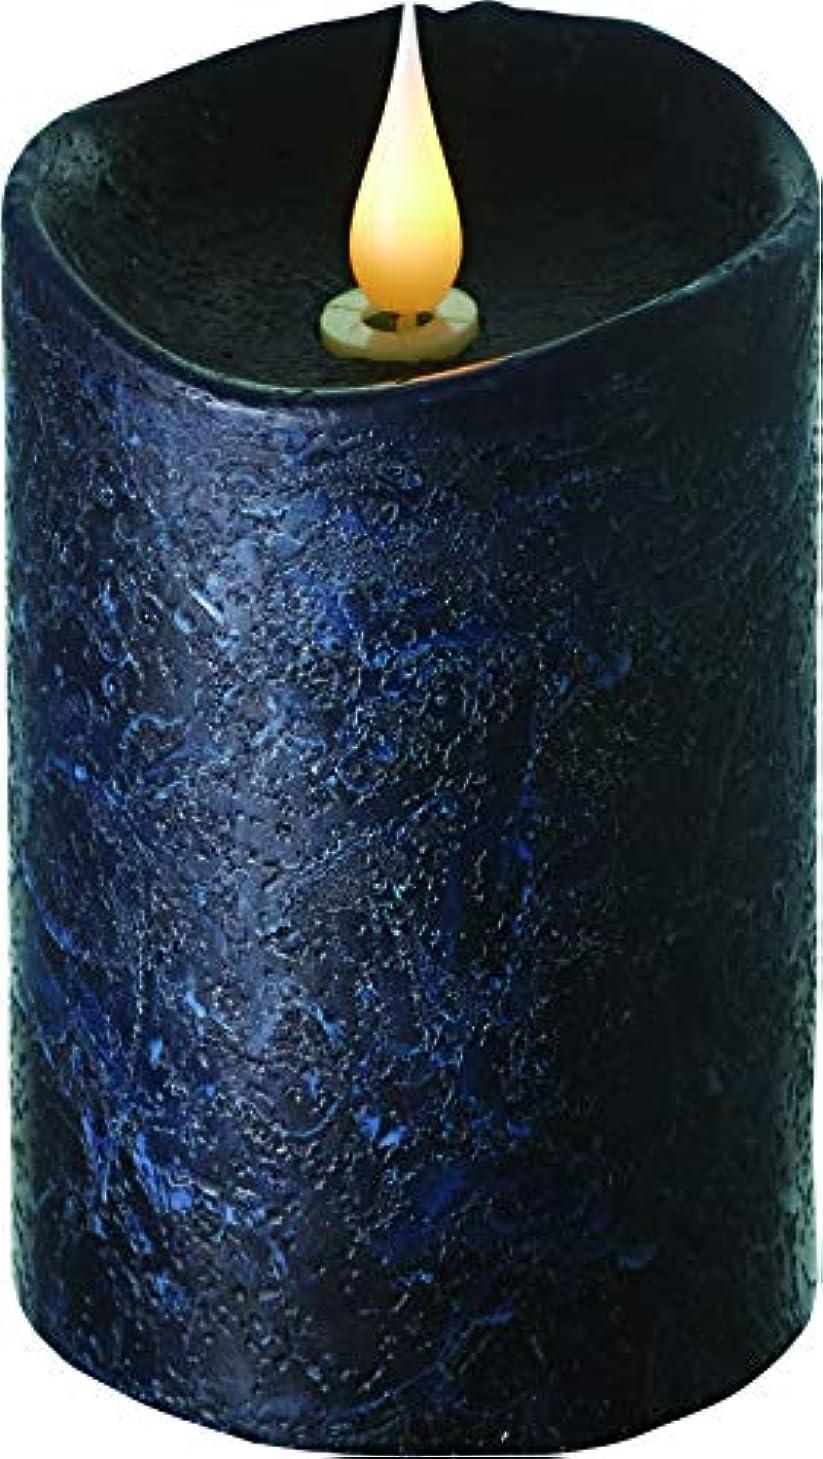 エンキンドル 3D LEDキャンドル ラスティクピラー 直径7.6cm×高さ13.5cm ブラック